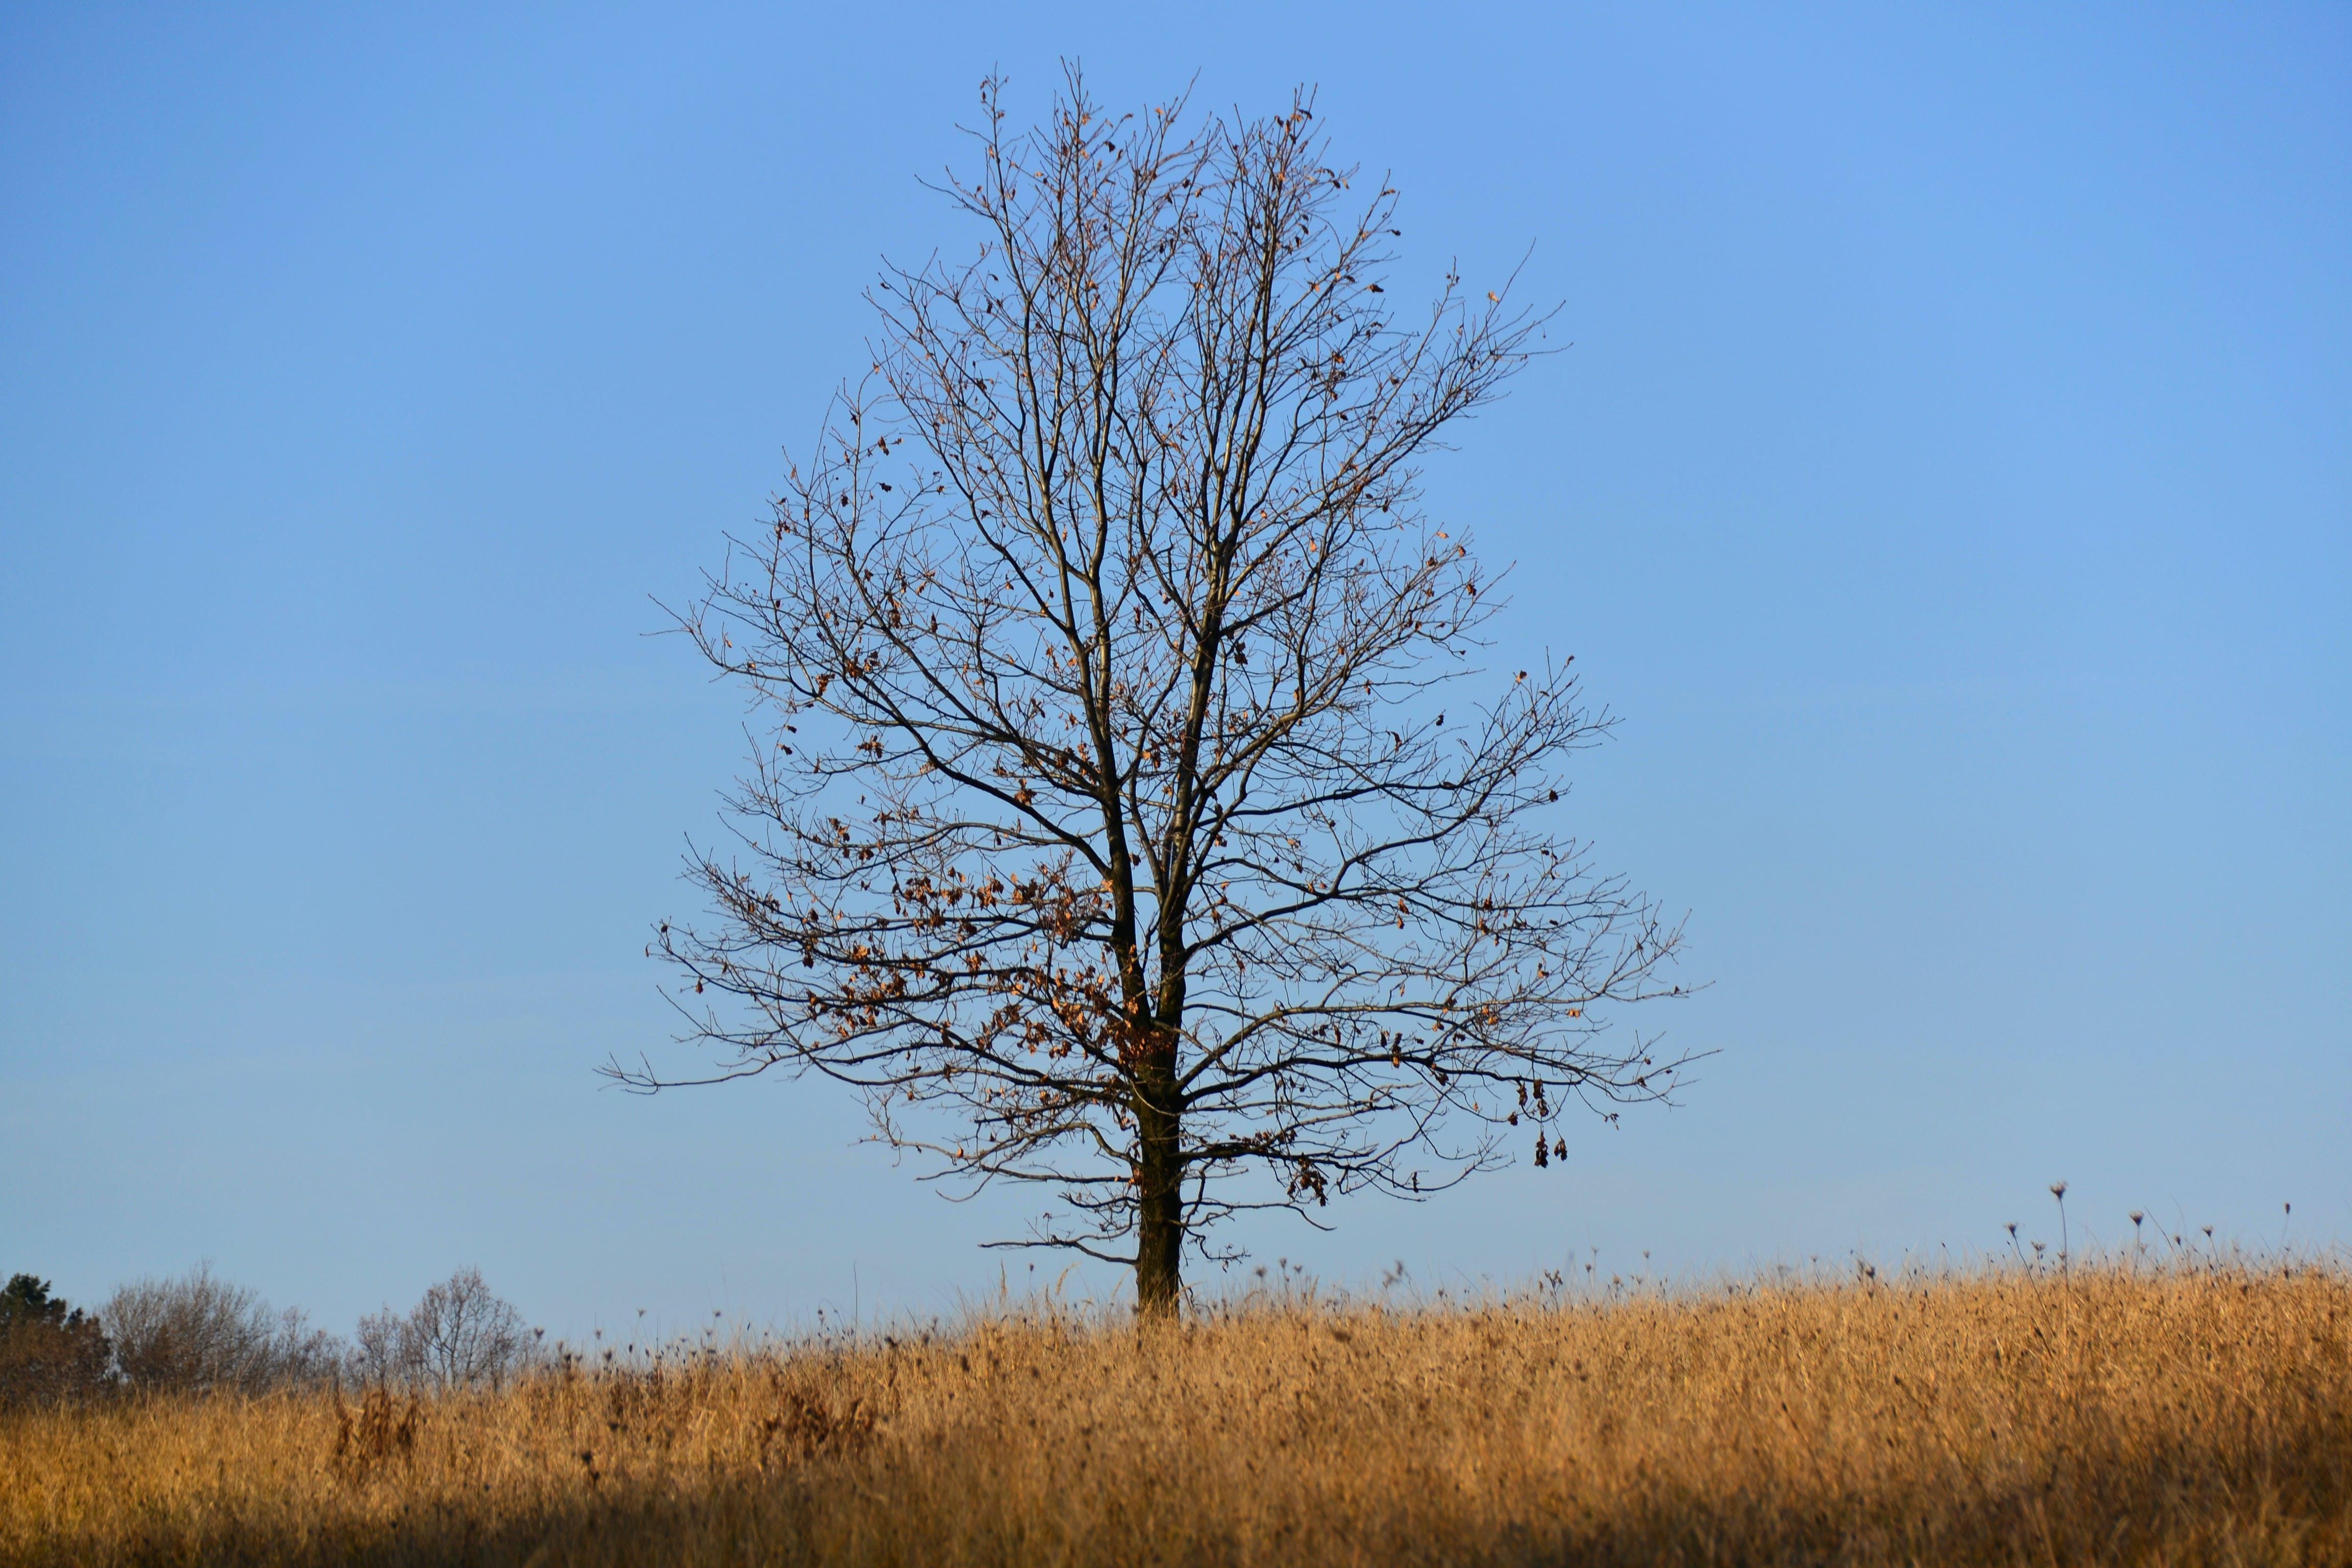 Kostenloses Stock Foto zu außerorts, bäume, blätter, blauer himmel